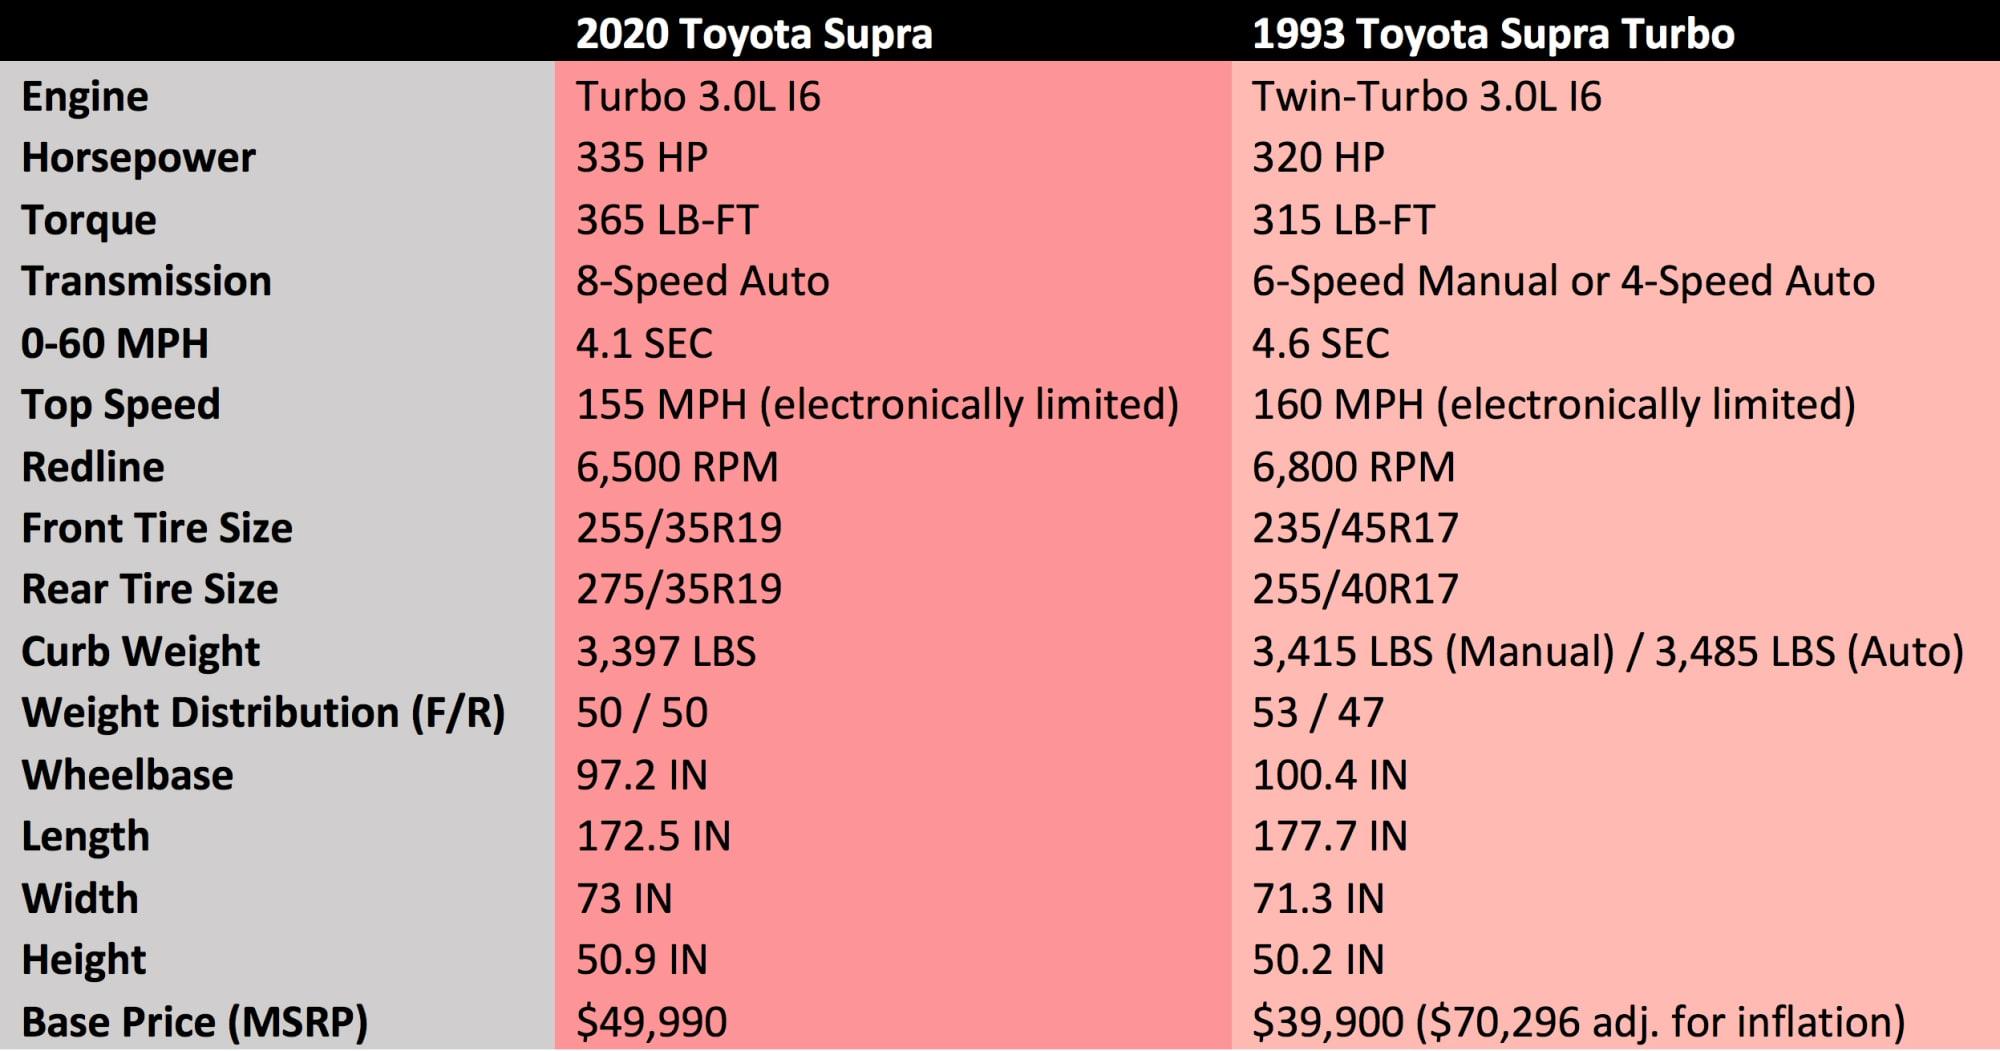 52e723e6d425 2020 Toyota Supra vs 1993 Toyota Supra  Specs compared - Autoblog